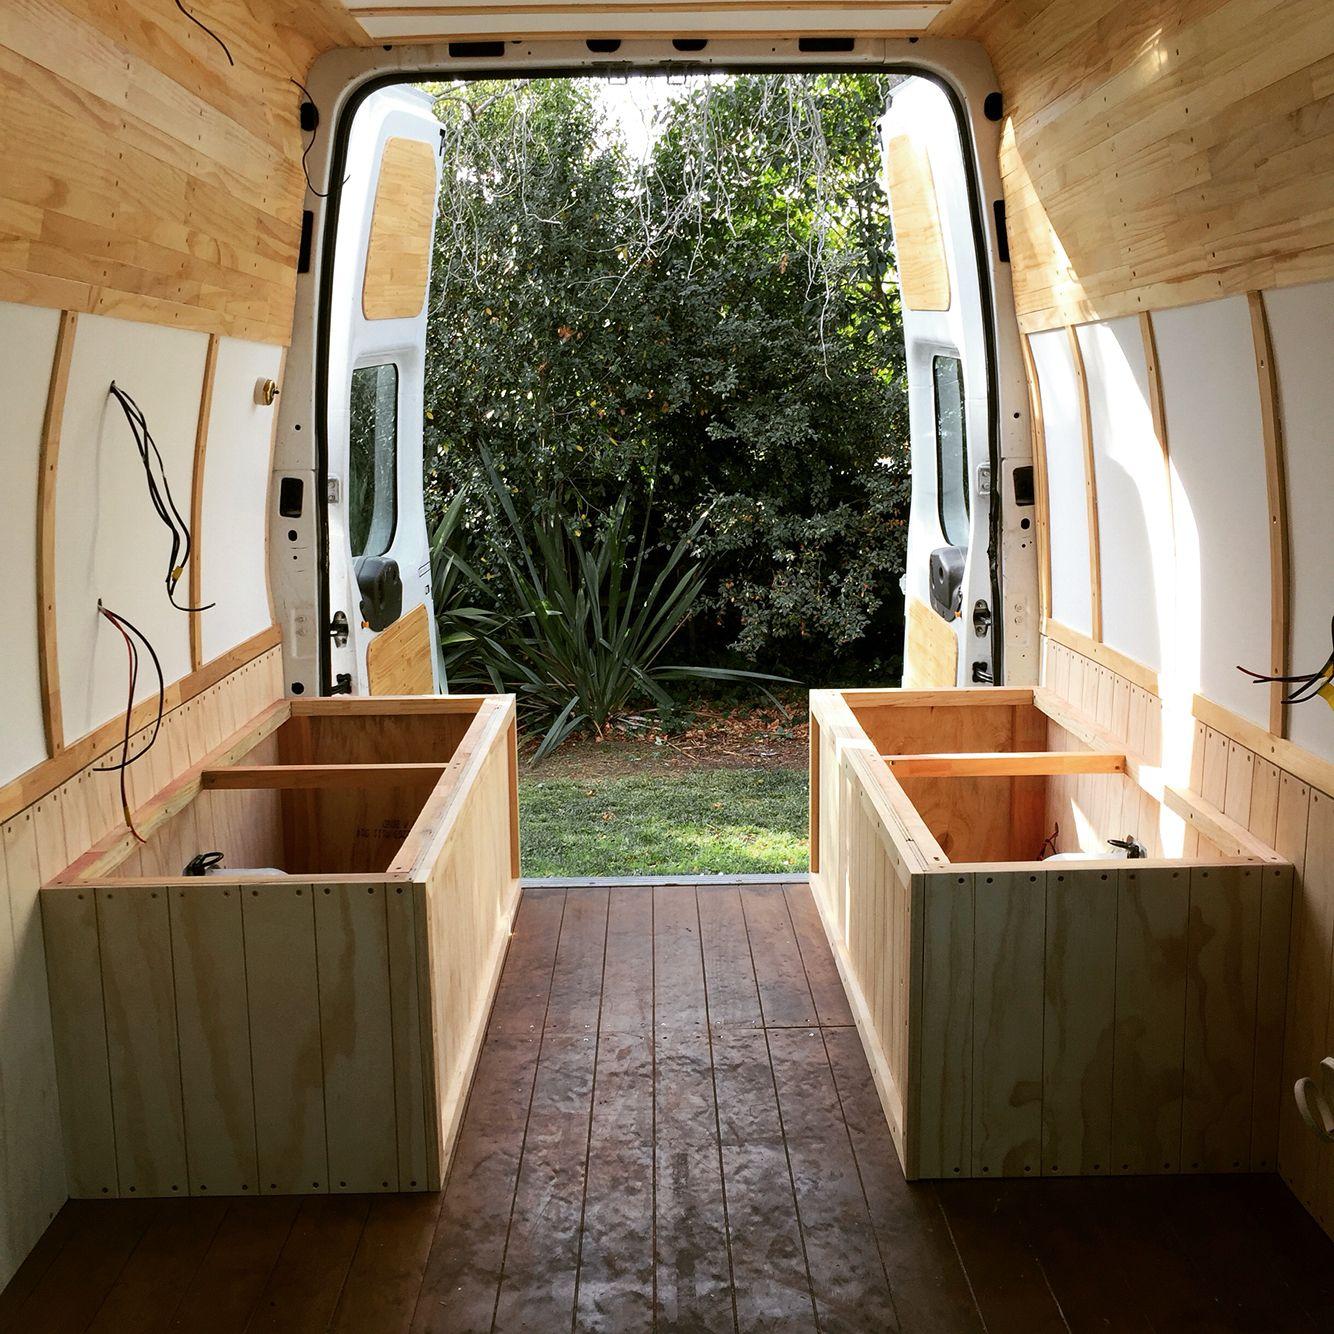 ford transit rustic camper van ford transit camper van. Black Bedroom Furniture Sets. Home Design Ideas